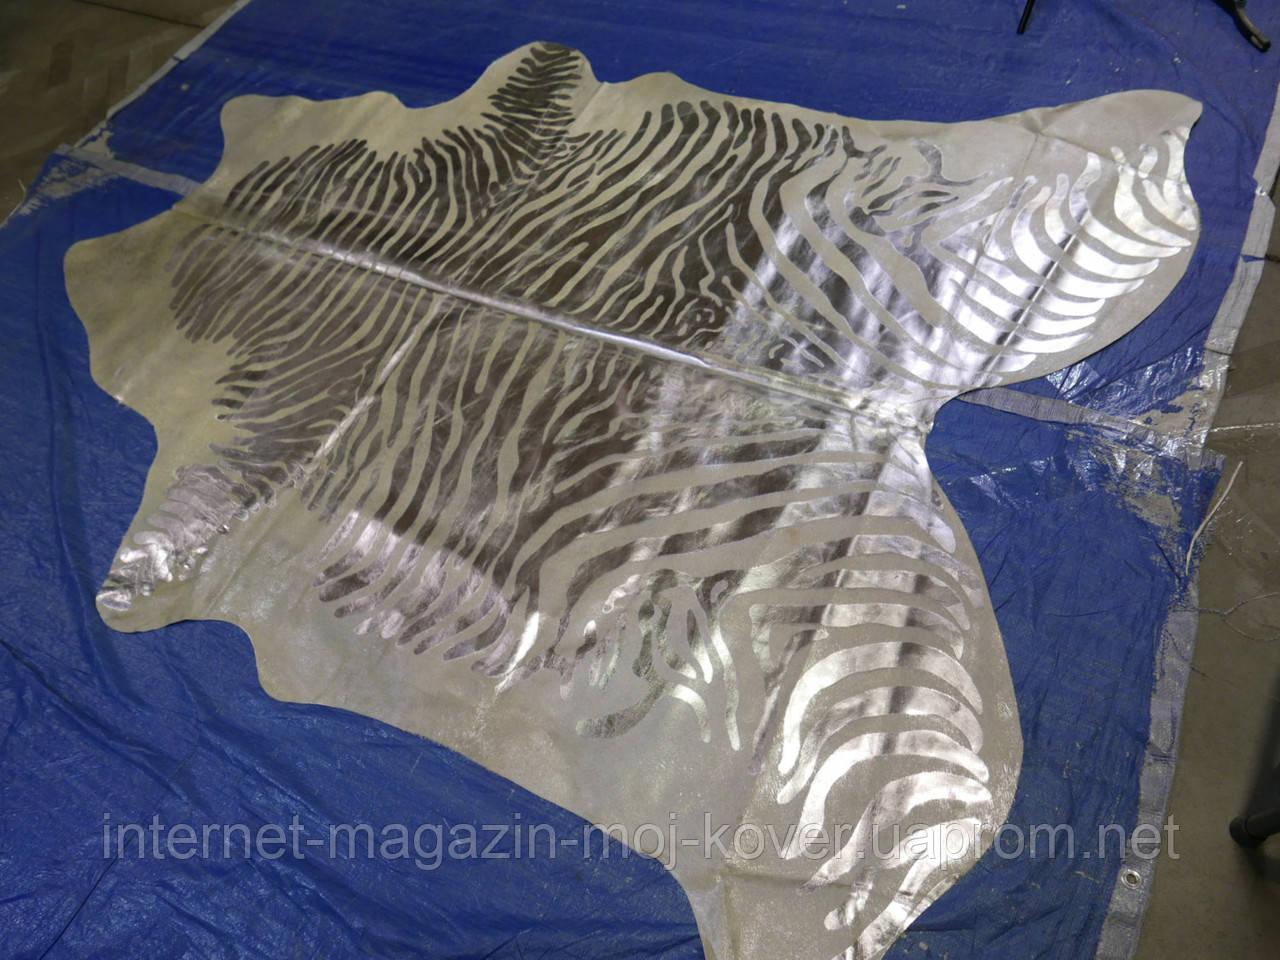 Короткошерстные шкуры коровы под зебру с тиснением и покраской под серебро.